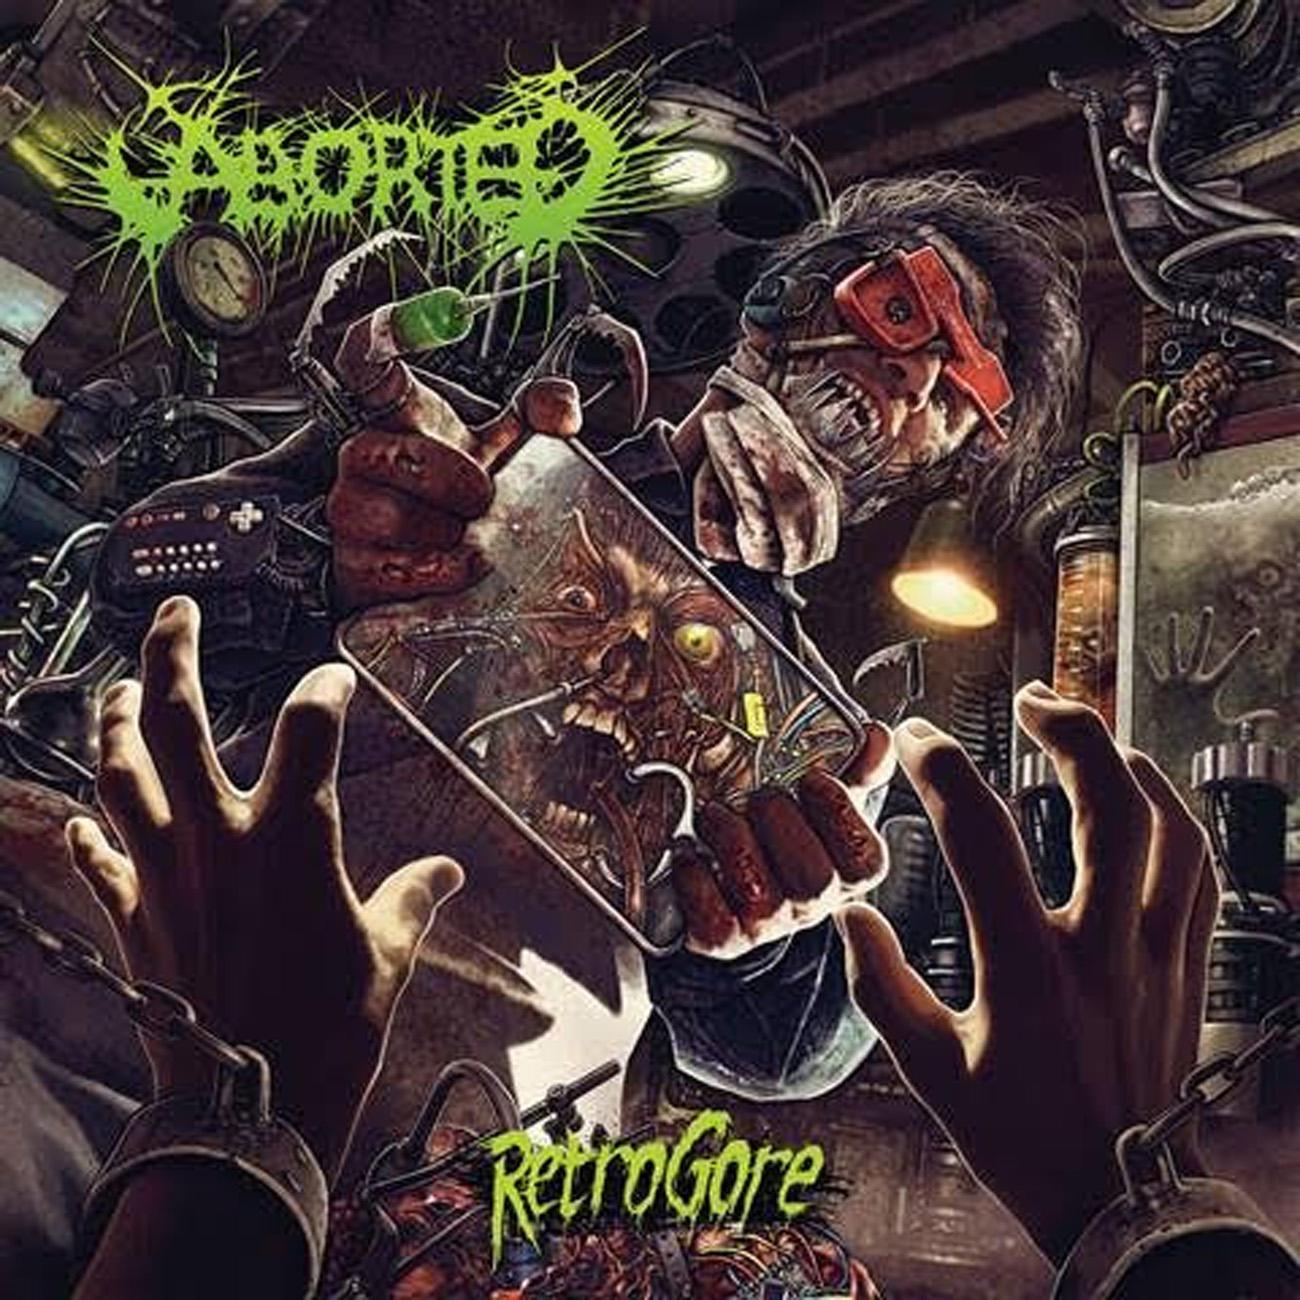 Aborted - Retrogore - Album Cover